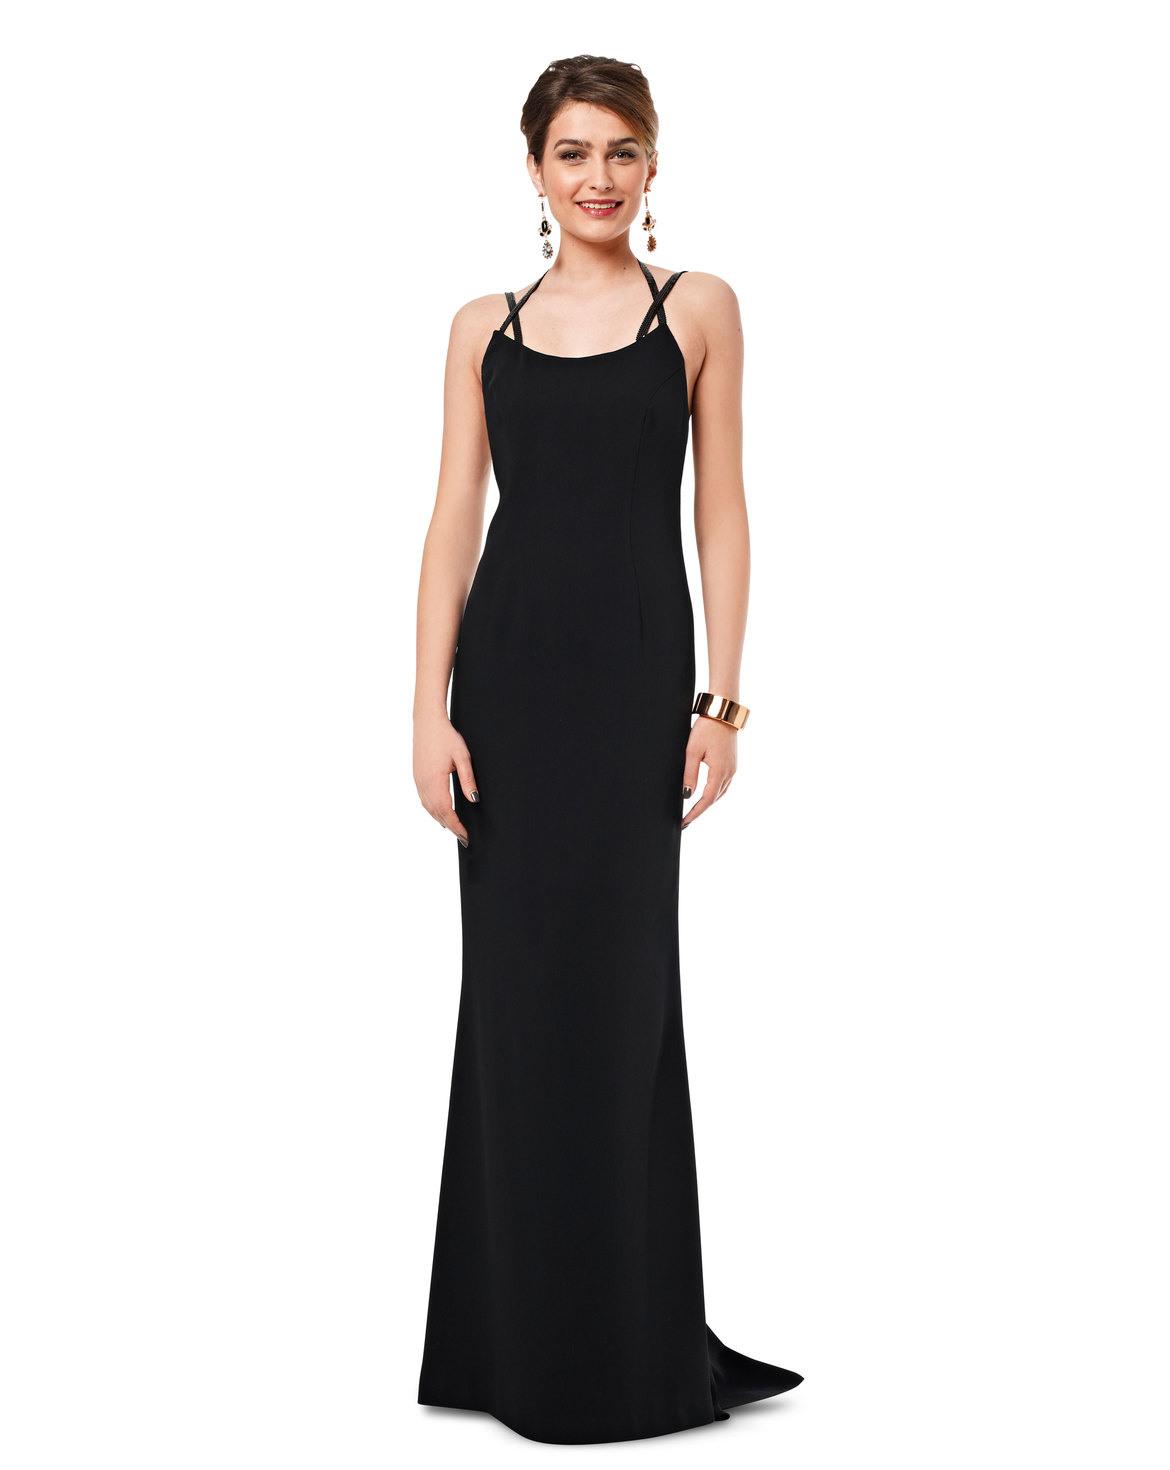 20 Perfekt Burda Abendkleid für 201917 Ausgezeichnet Burda Abendkleid für 2019